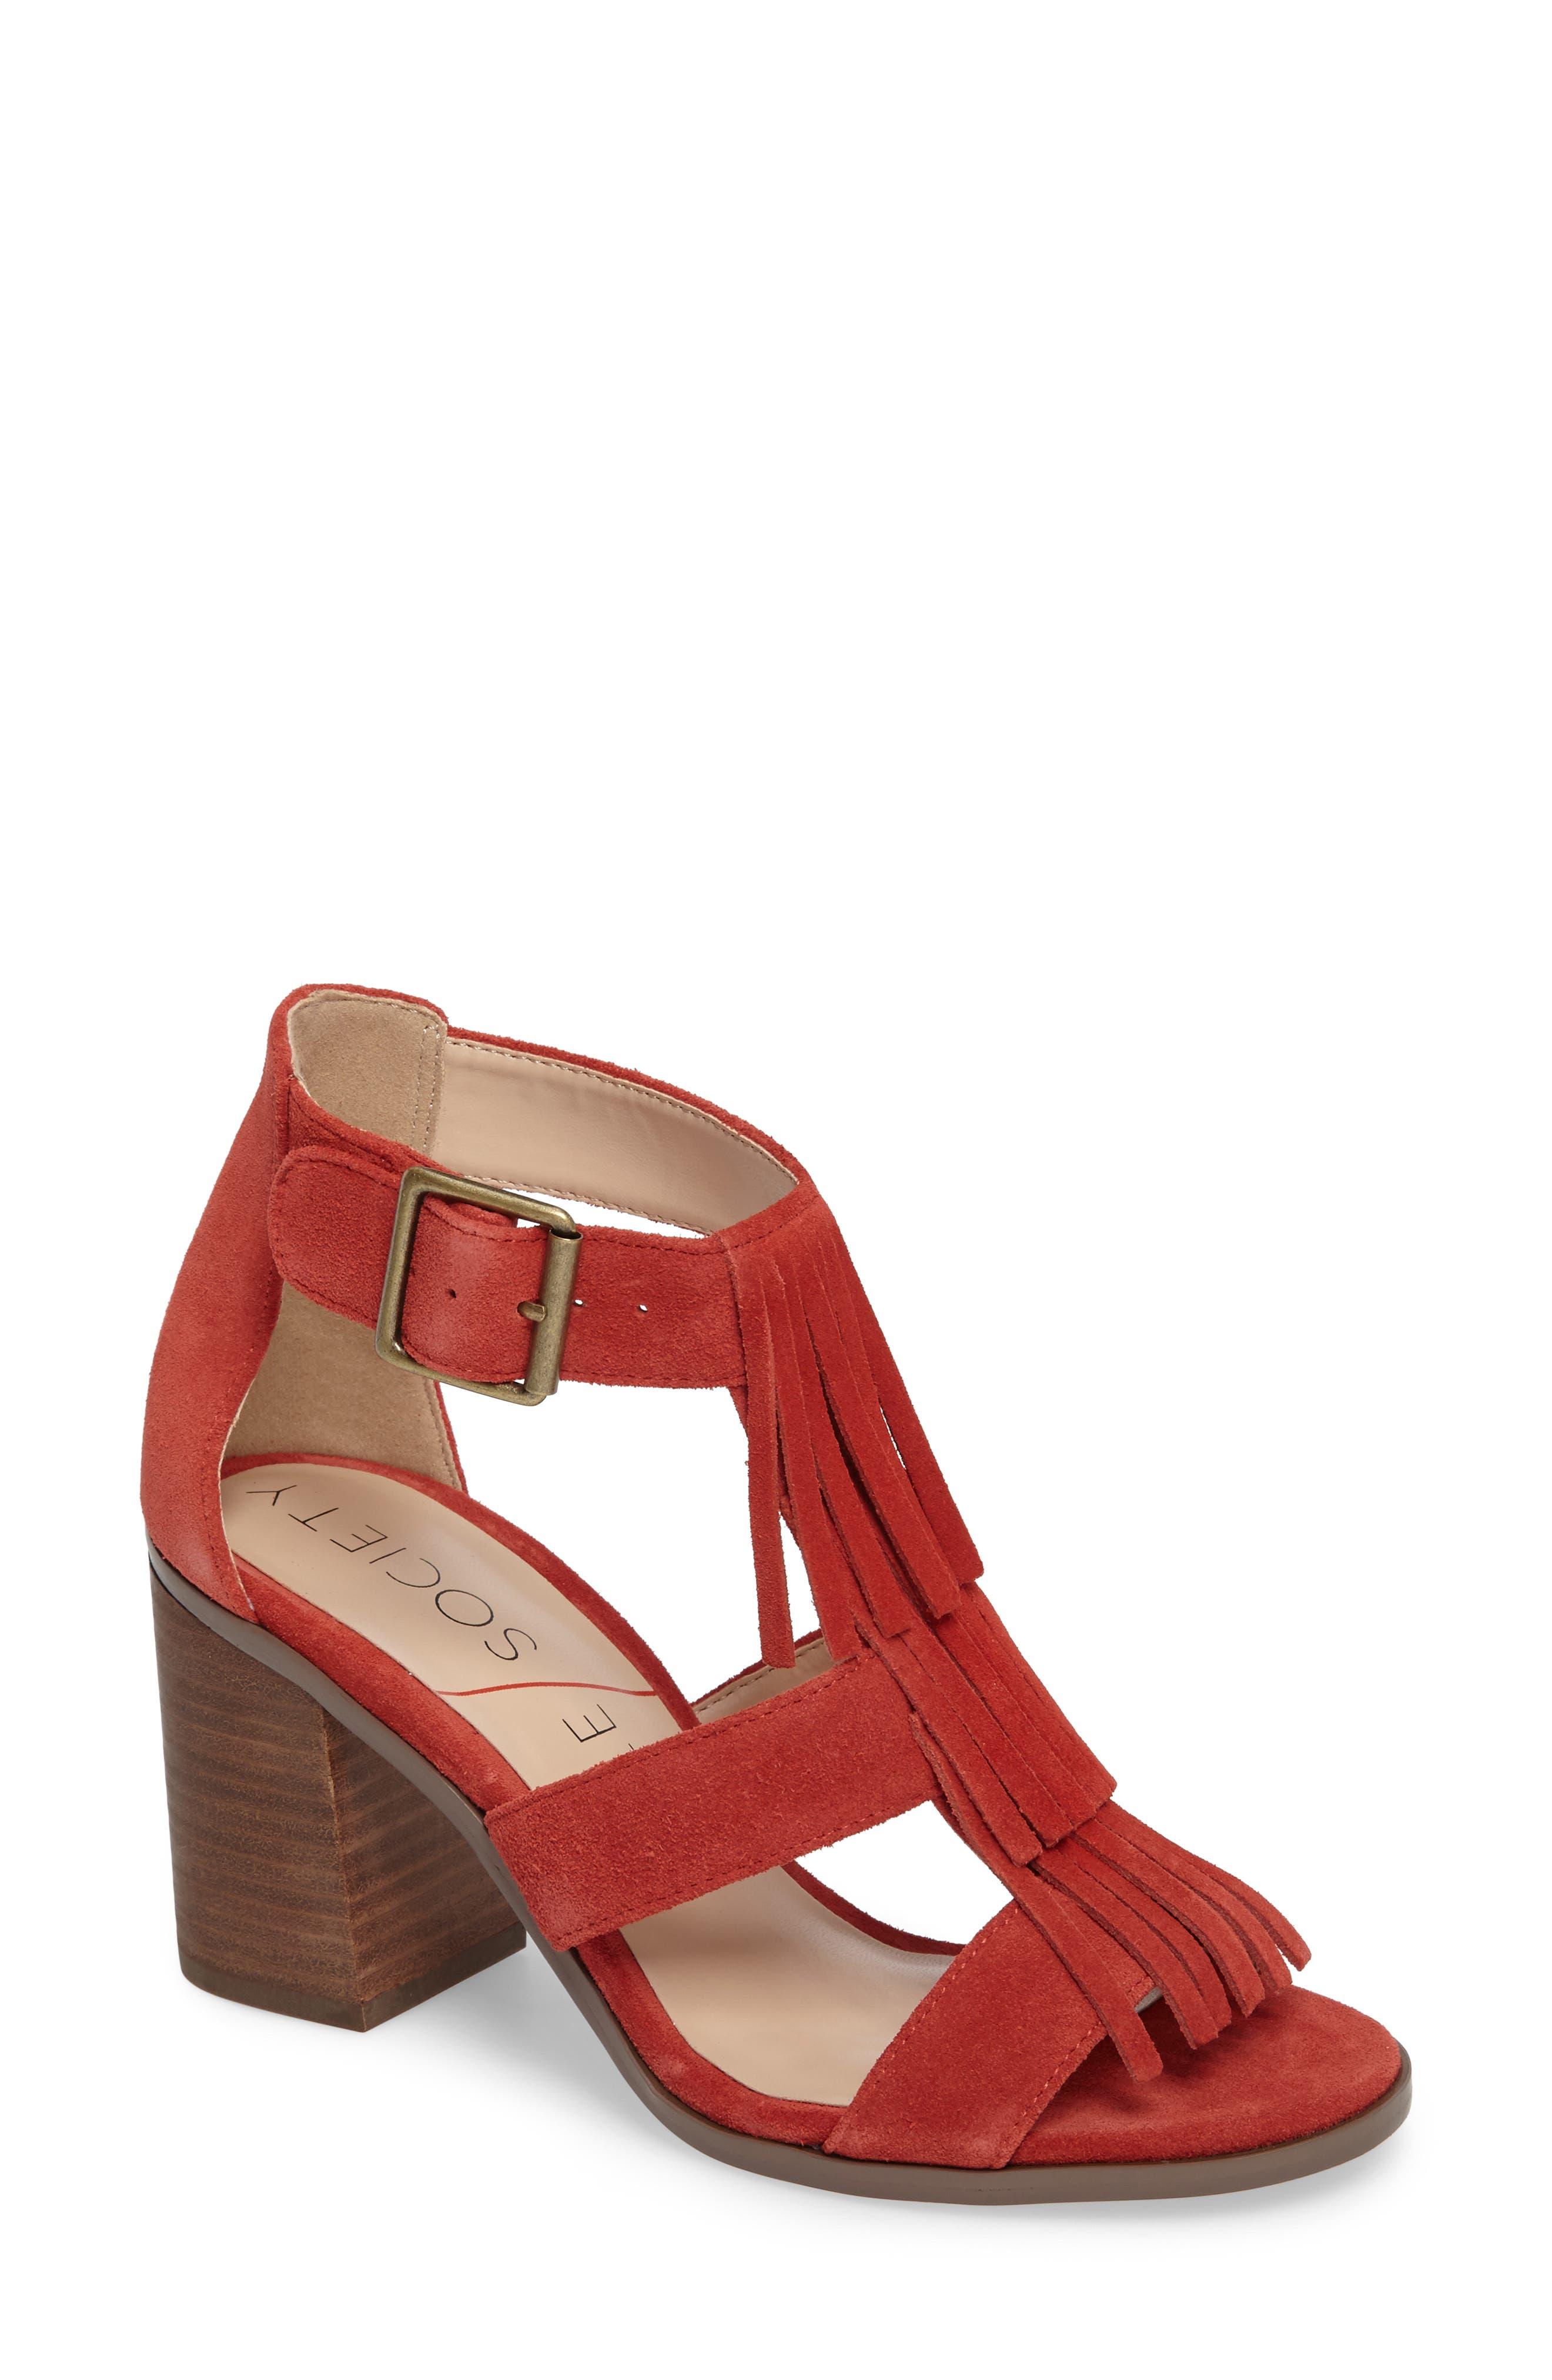 Main Image - Sole Society 'Delilah' Fringe Sandal (Women)